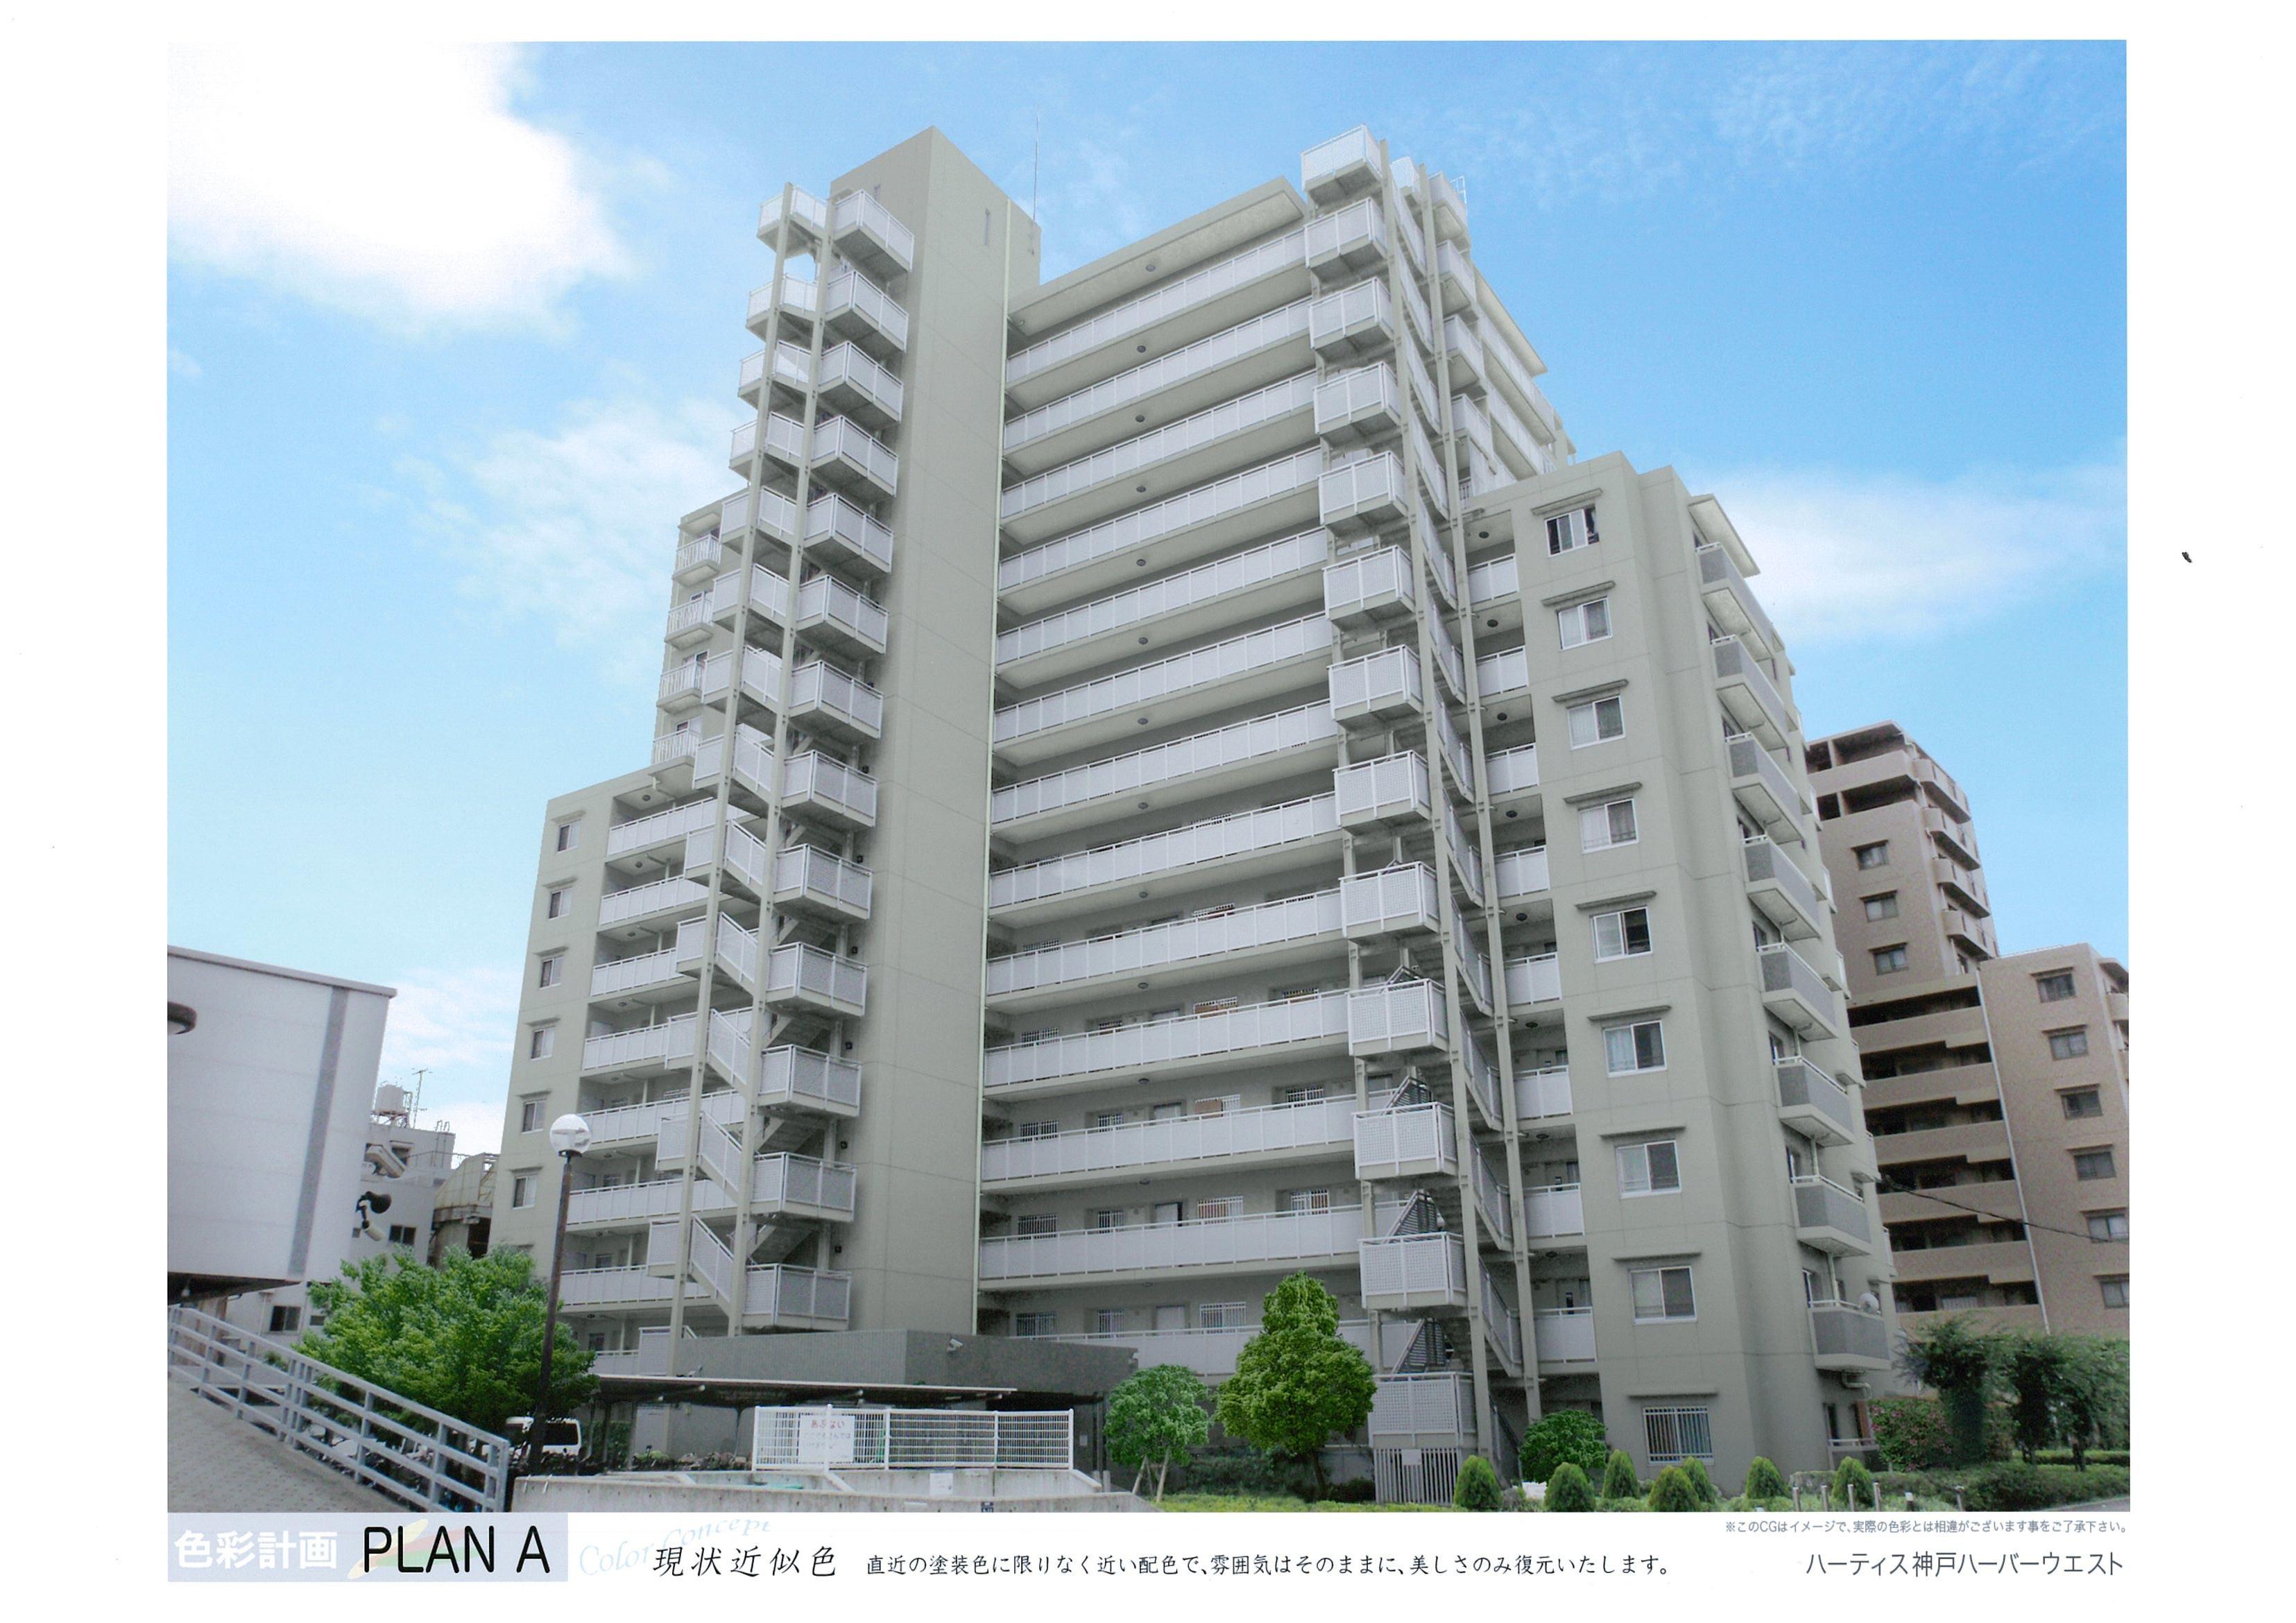 ハーティス神戸ハーバーウエスト大規模修繕工事(兵庫県神戸市)